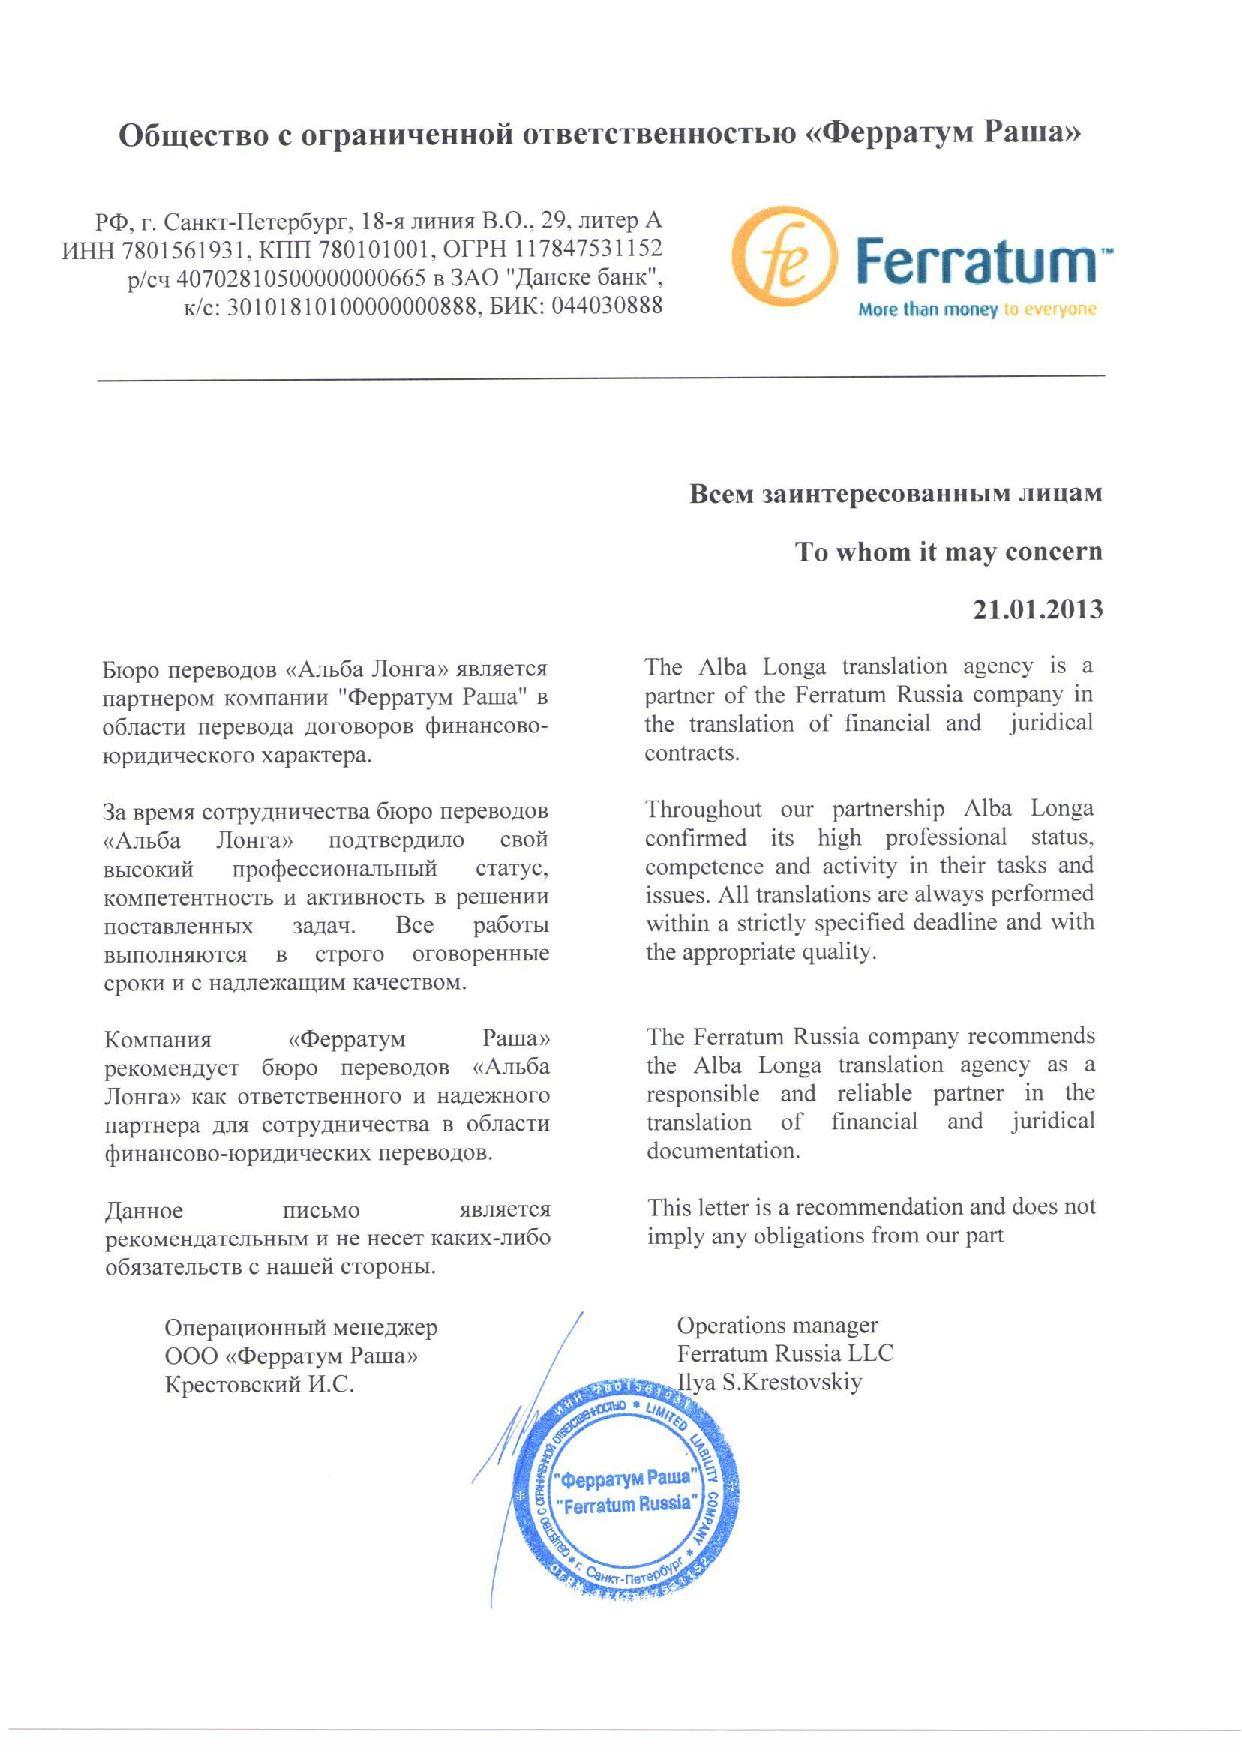 Рекомендательное письмо Ферратум Раша